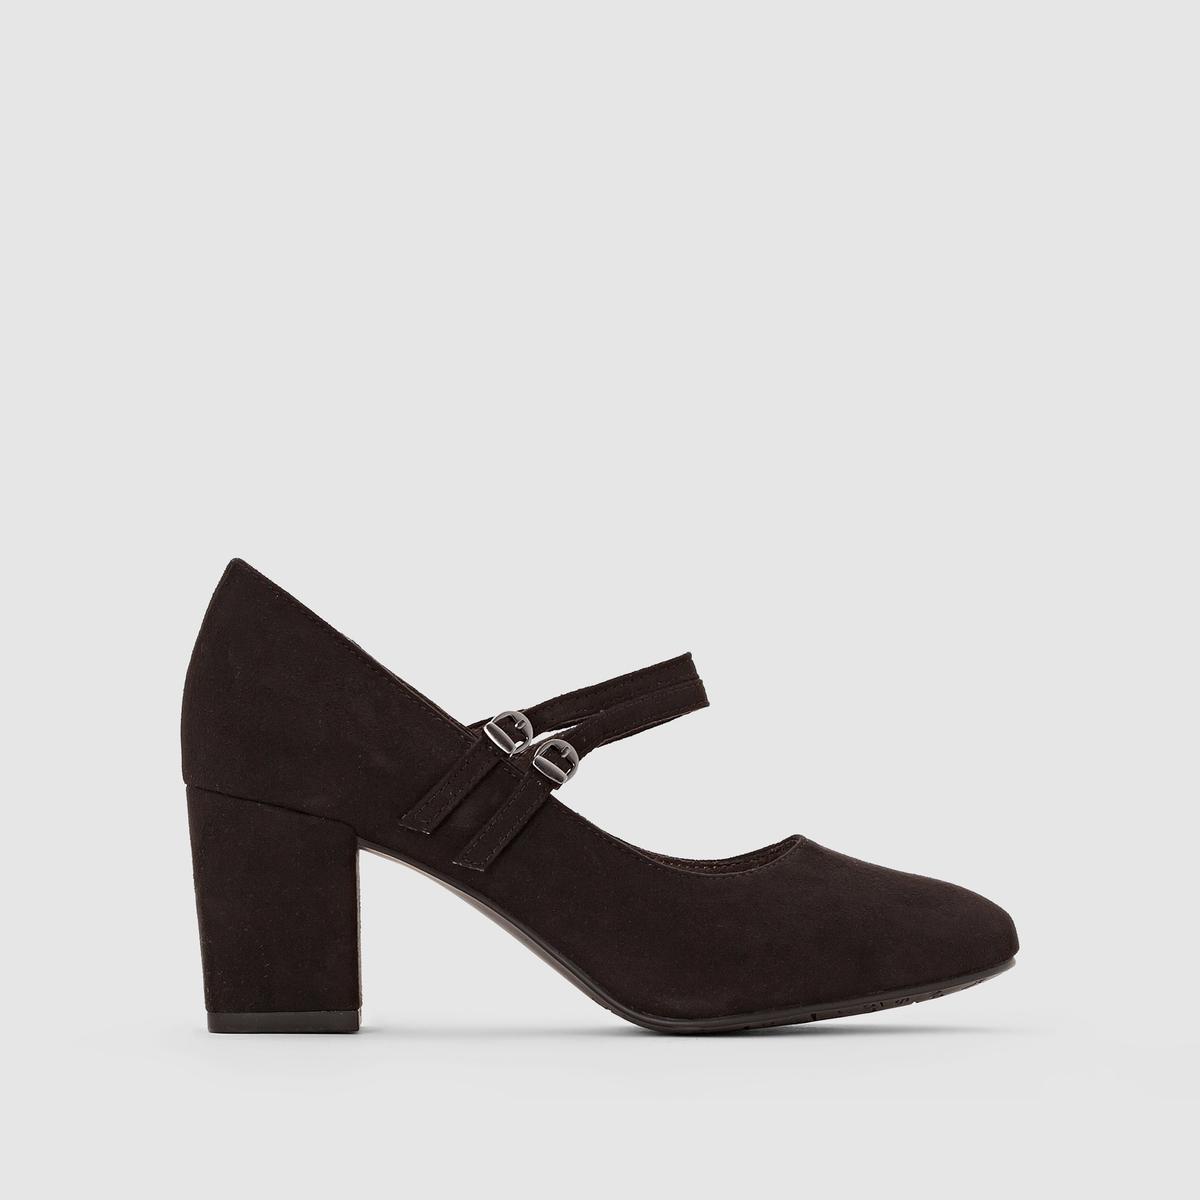 Туфли с ремешками 24416-27Подкладка : текстиль   Стелька : синтетика   Подошва : синтетика   Высота каблука : 6,5 см   Форма каблука : широкий   Мысок : закругленный   Застежка : ремешок/пряжка<br><br>Цвет: бордовый,черный<br>Размер: 40